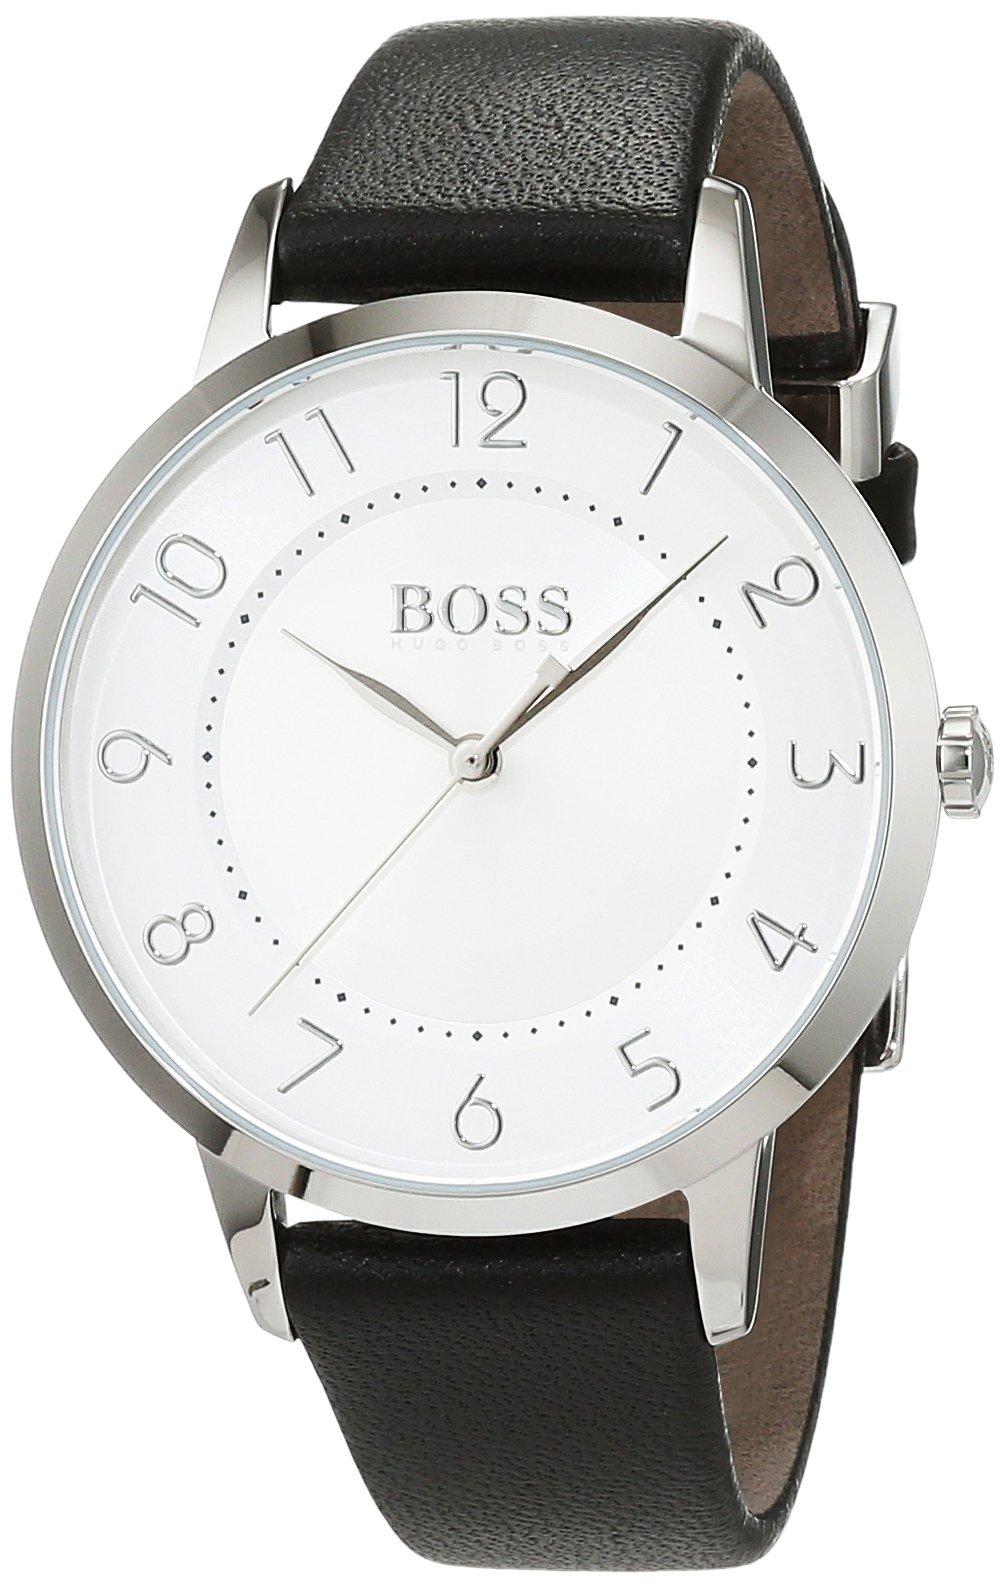 a6a0fda0d190 Reloj para mujer Hugo Boss 1502408. - Chollos y Ofertas